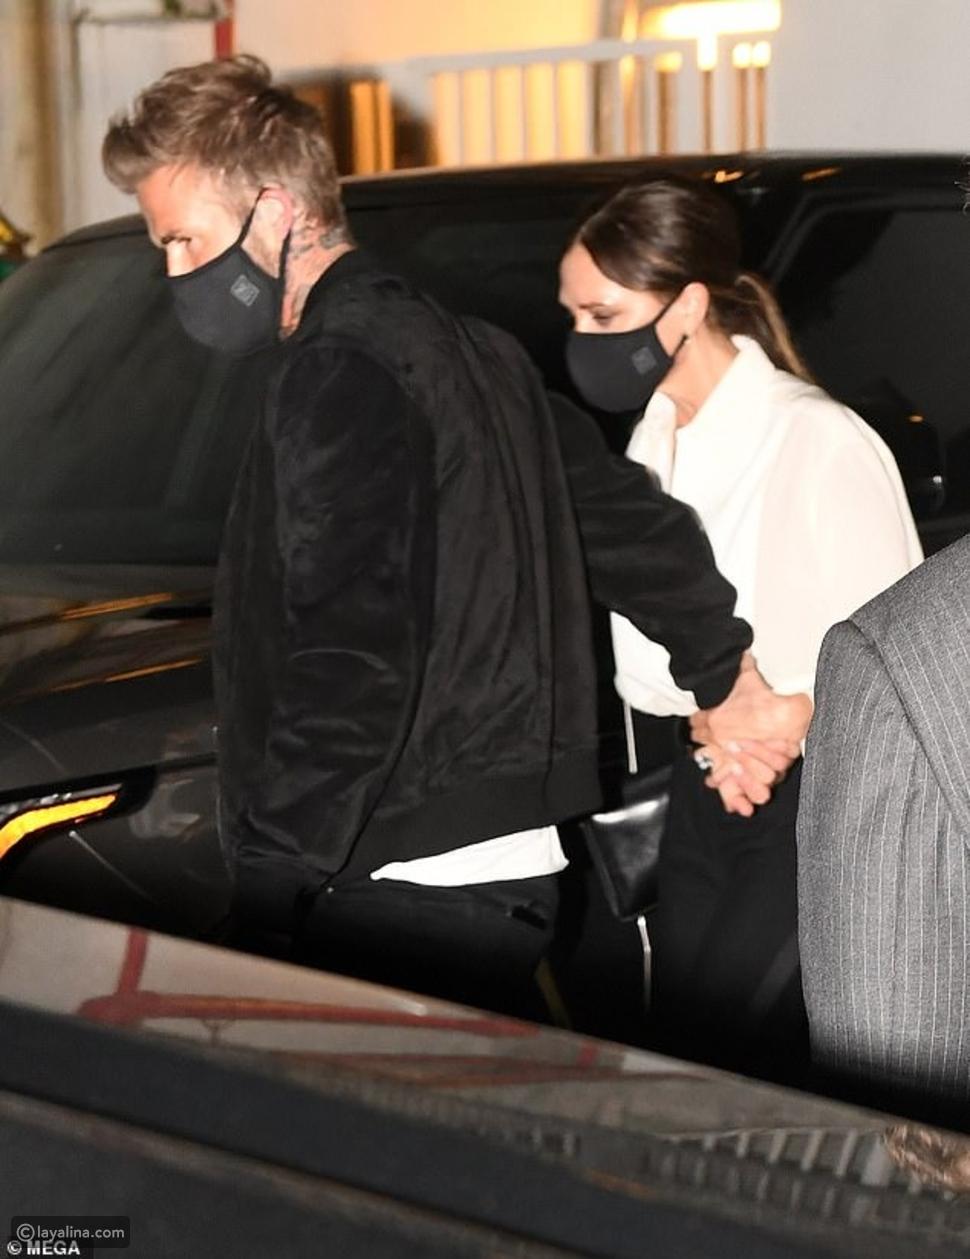 ديفيد بيكهام وزوجته فيكتوريا في عشاء رومانسي مع الإلتزام بالكمامة